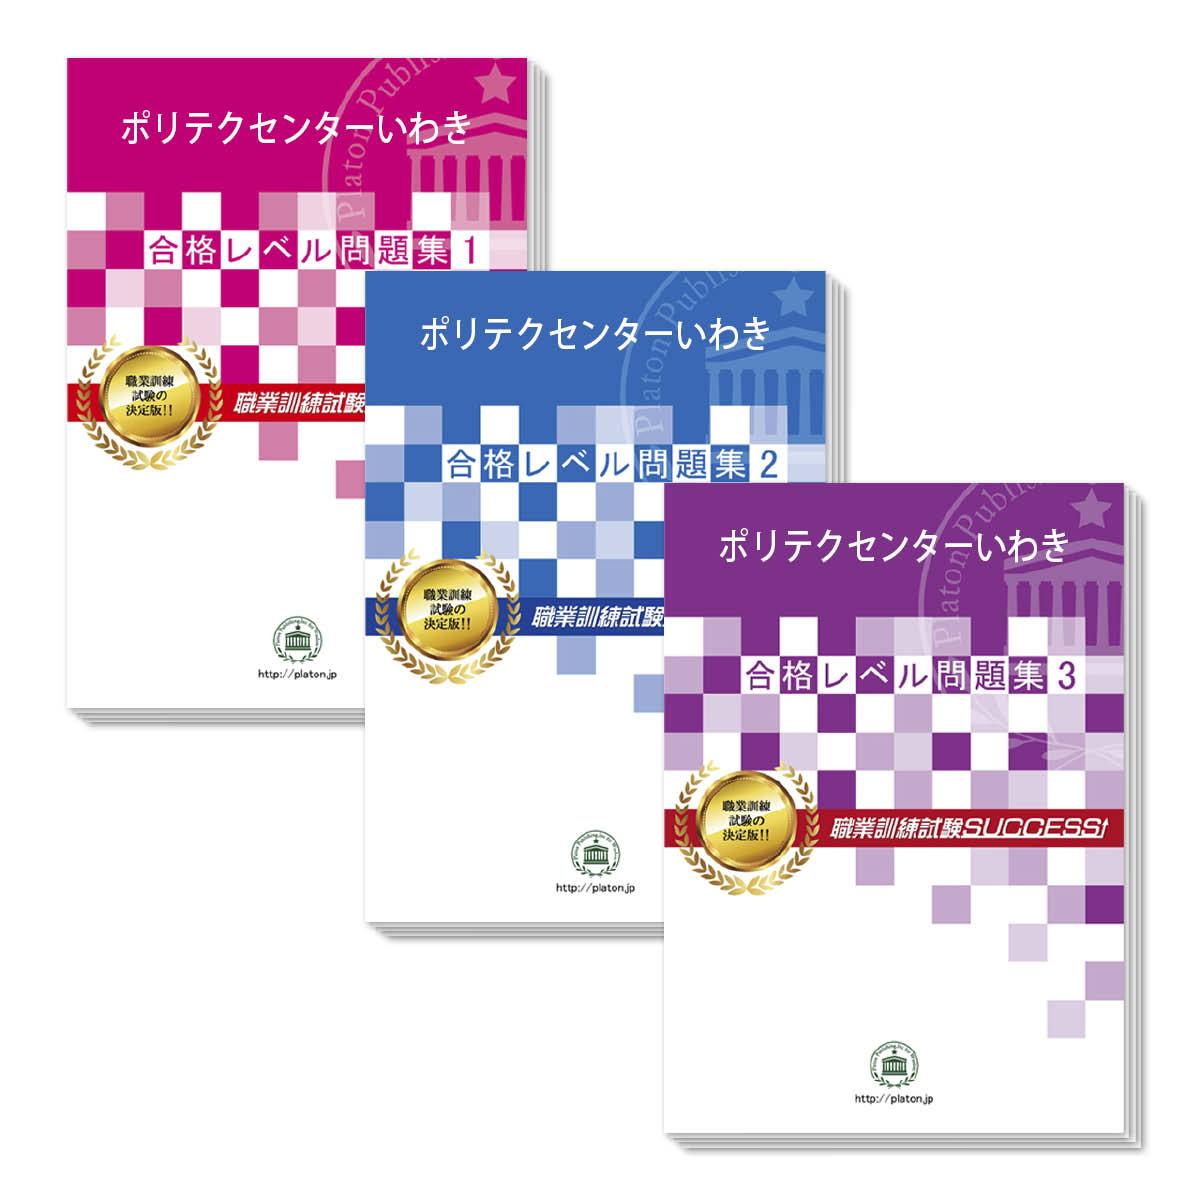 送料 代引手数料無料 メーカー直送 評価 ポリテクセンターいわき 受験合格セット問題集 3冊